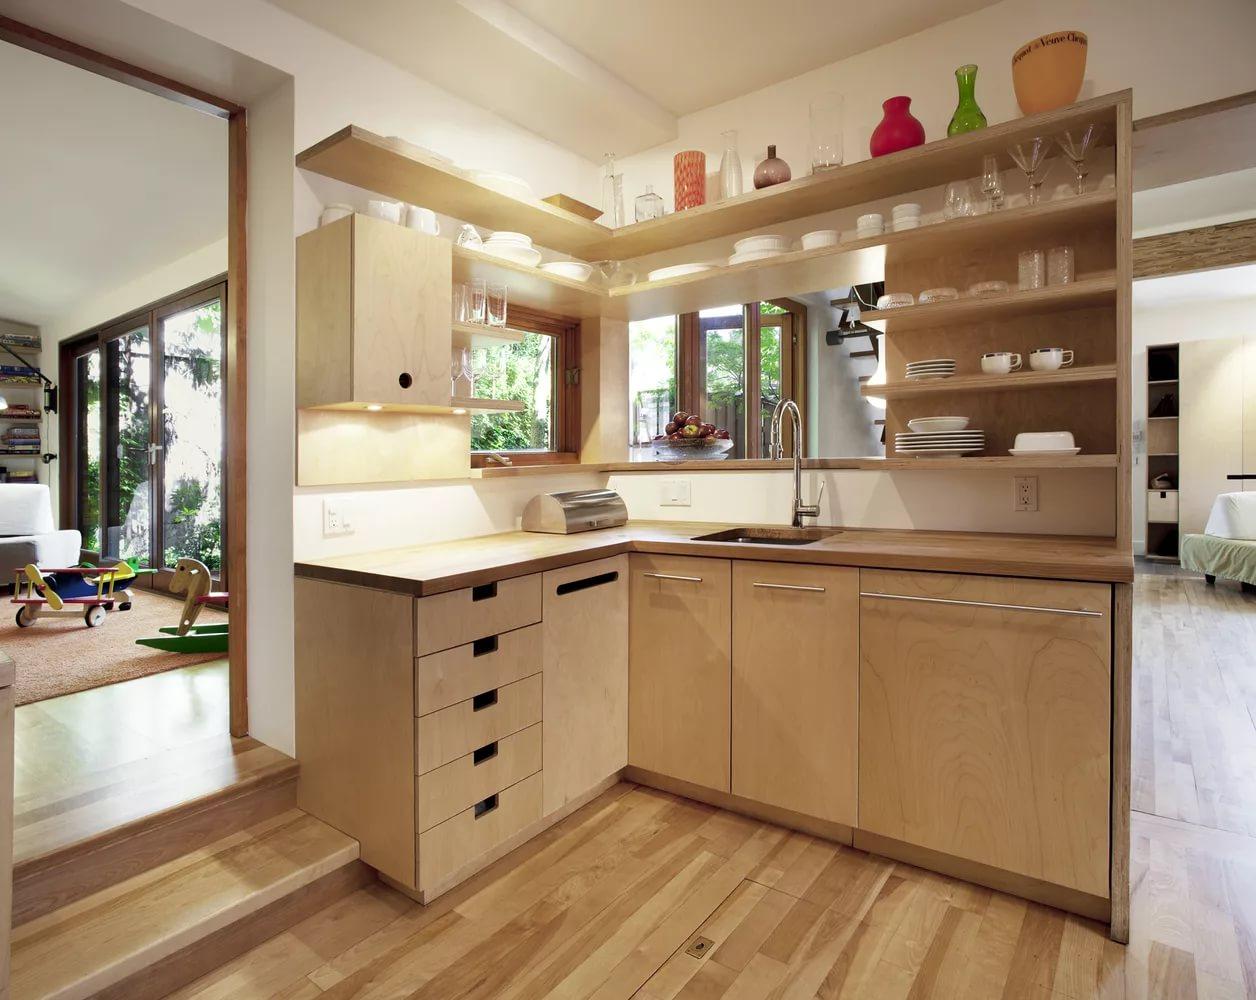 кухня своими руками из фанеры